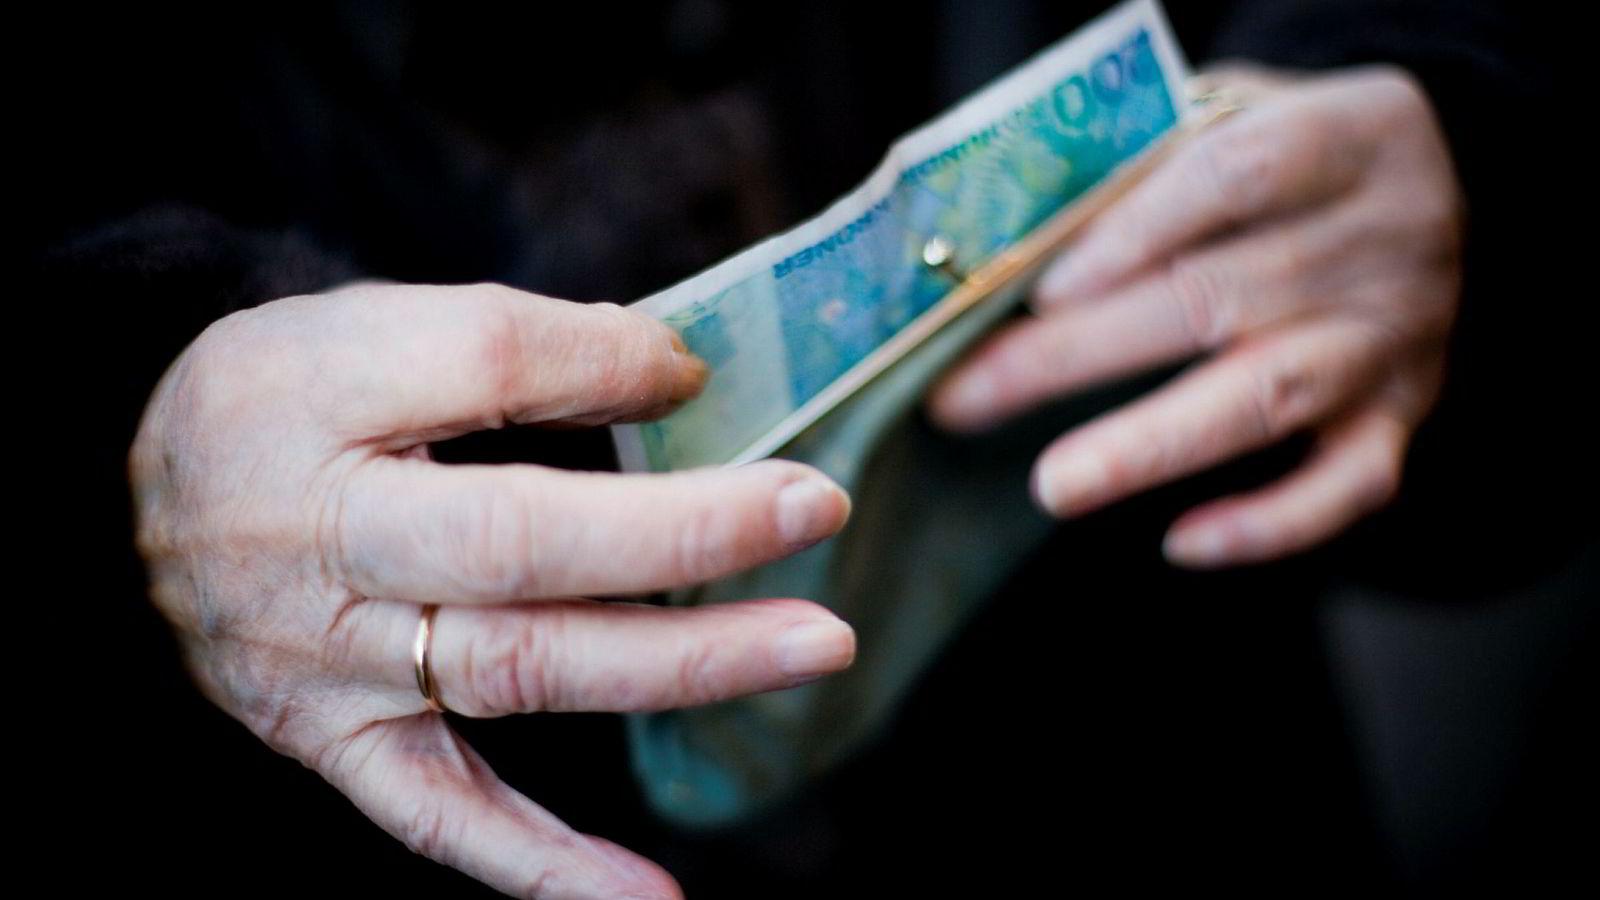 350 milliarder kroner i fripoliser på 700.000 nordmenns hender.